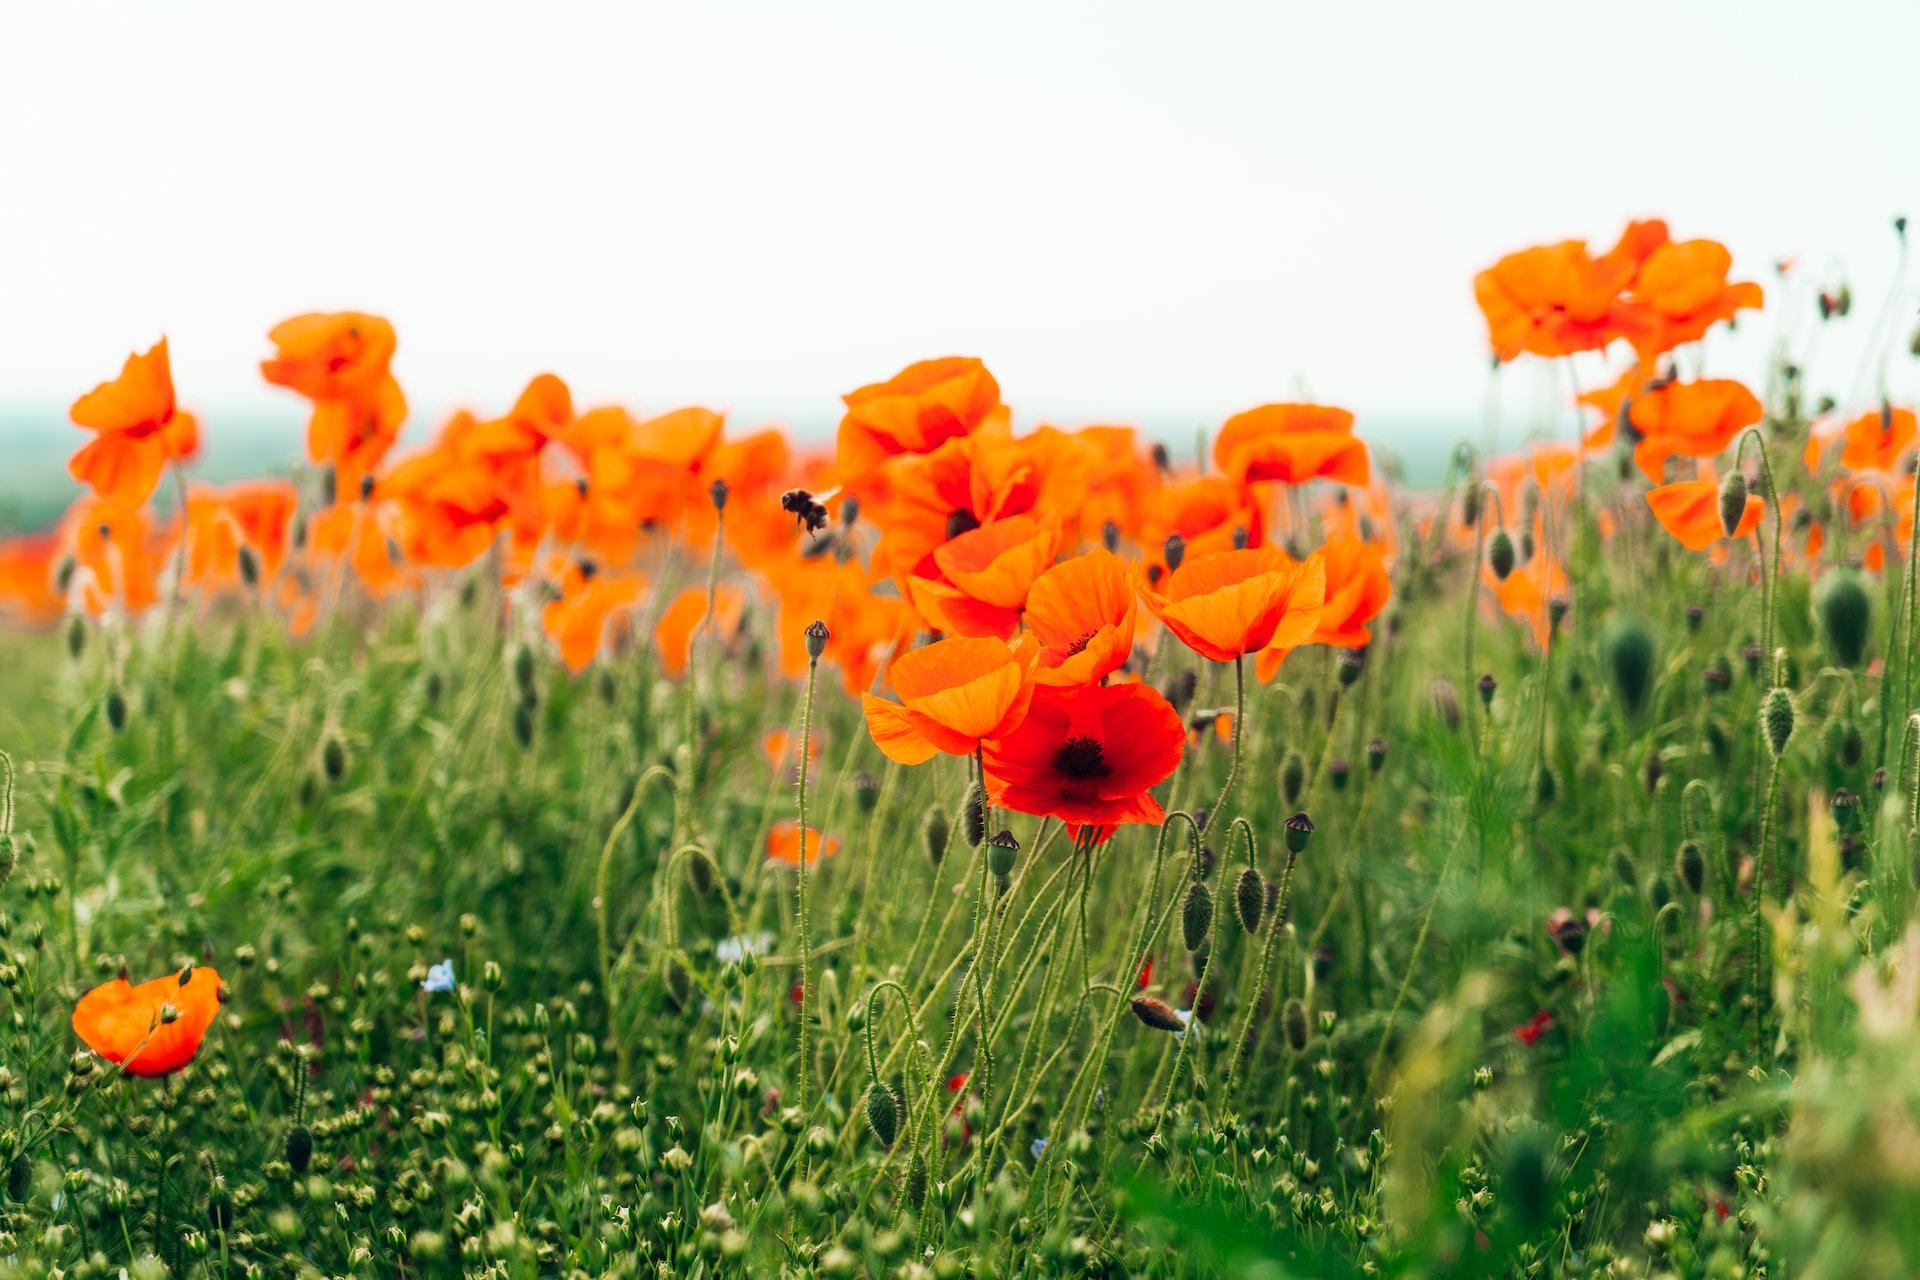 orange flower field during daytime